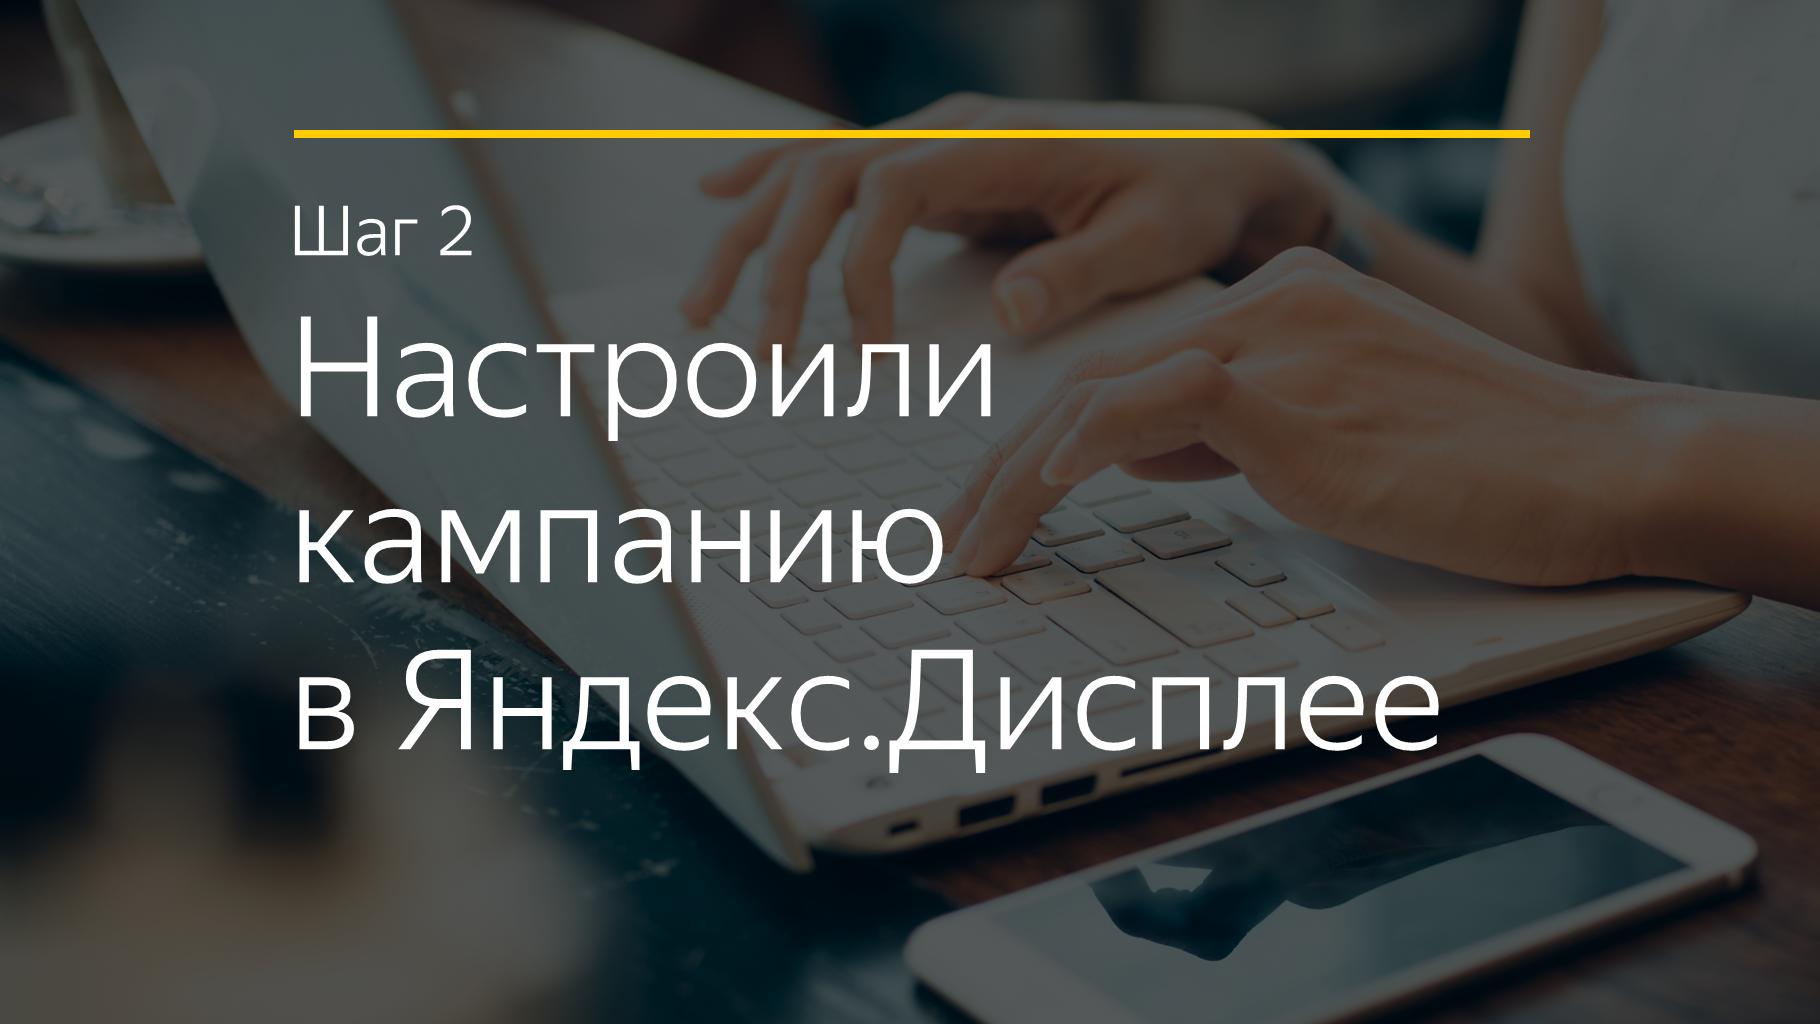 Шаг 2 Настроили кампанию в Яндекс.Дисплее